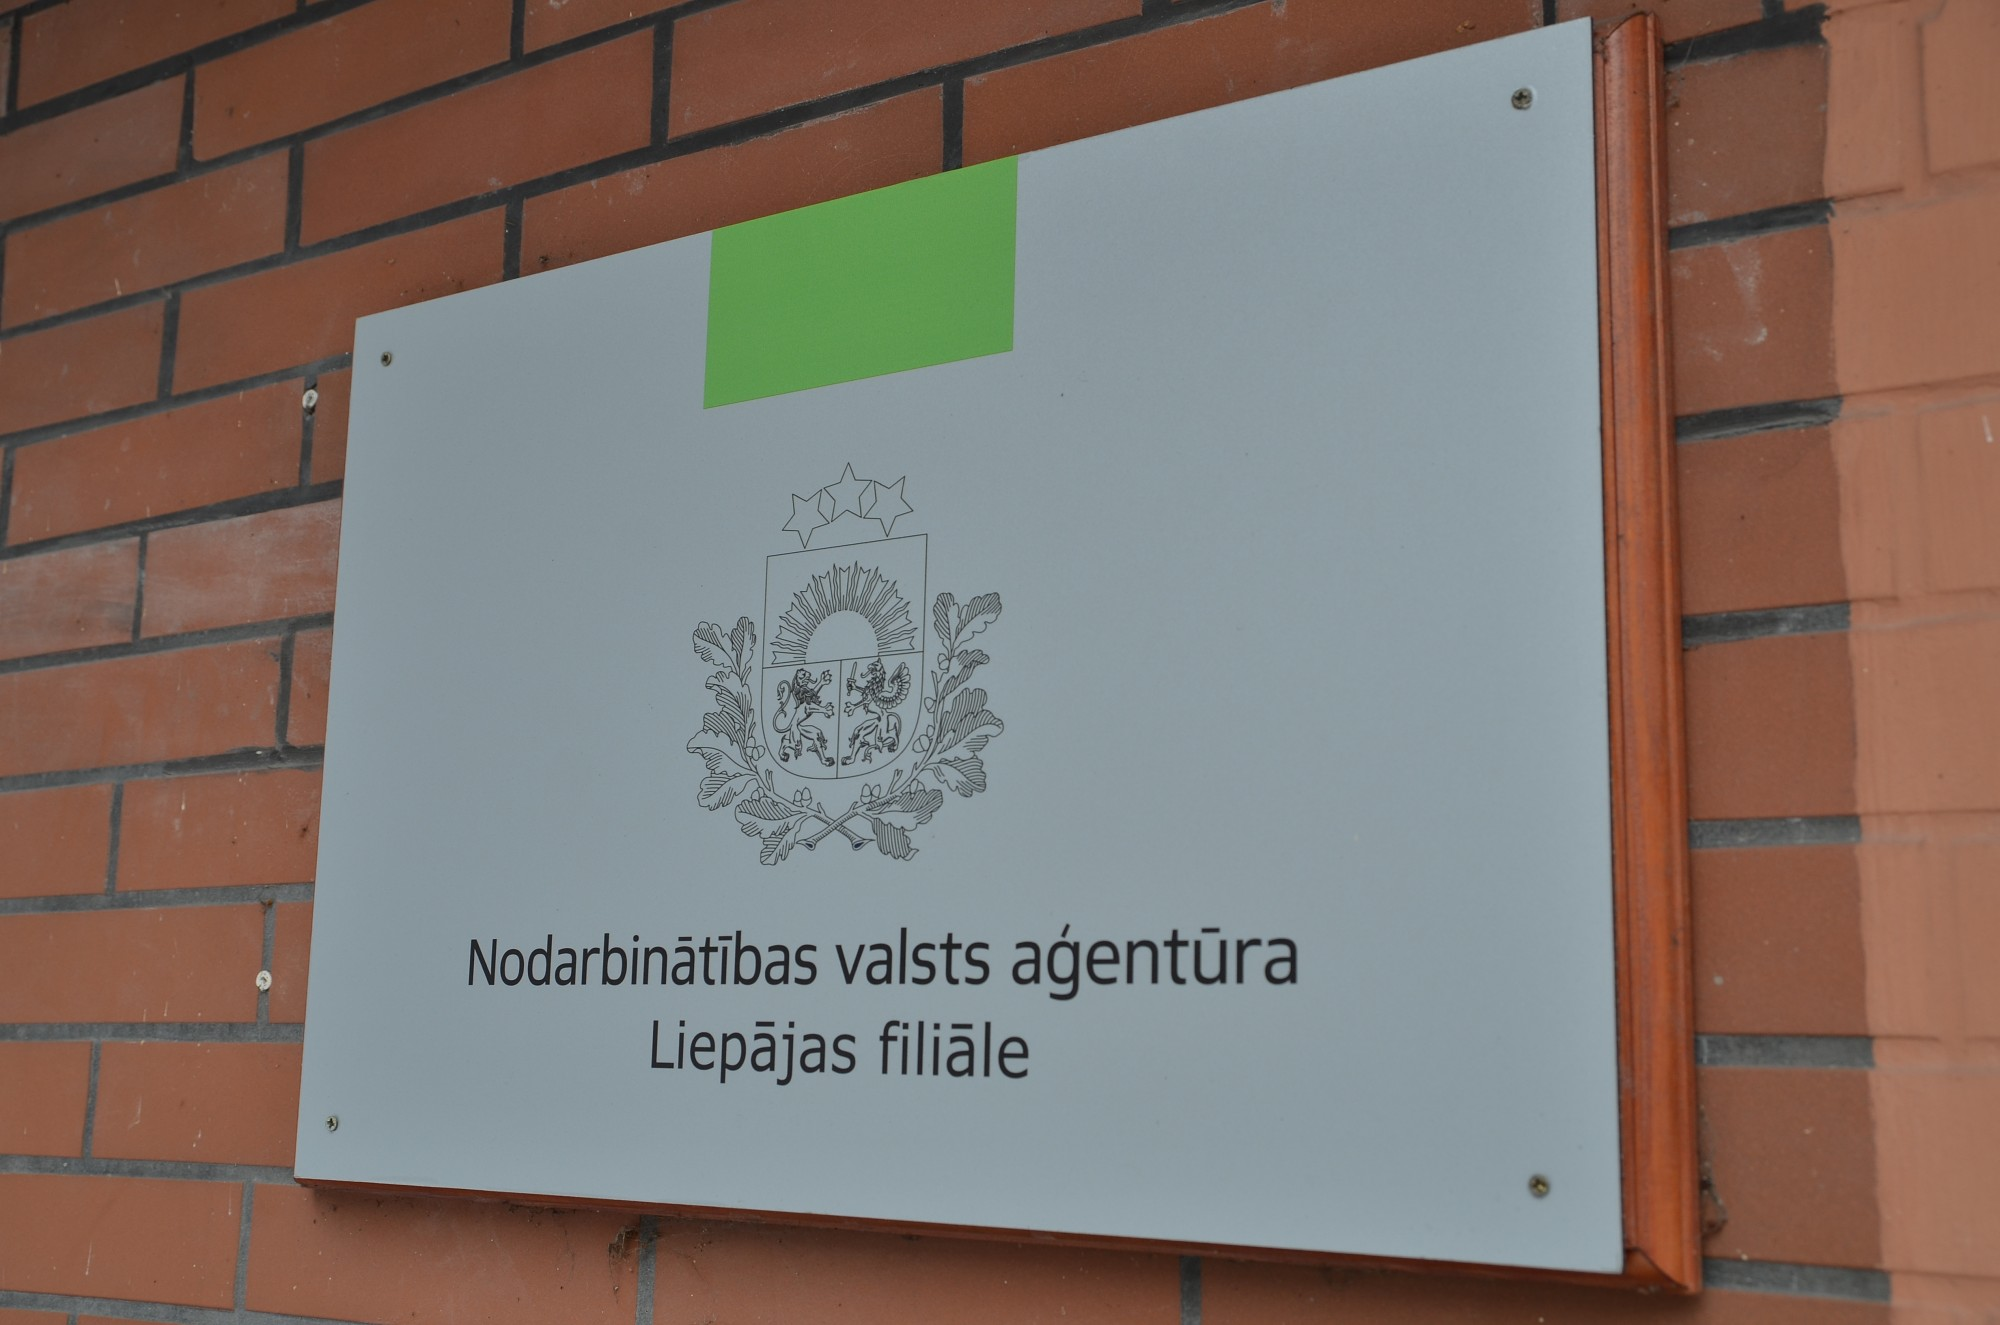 Безработица в Латвии в конце июля сохранилась на уровне 6,4%